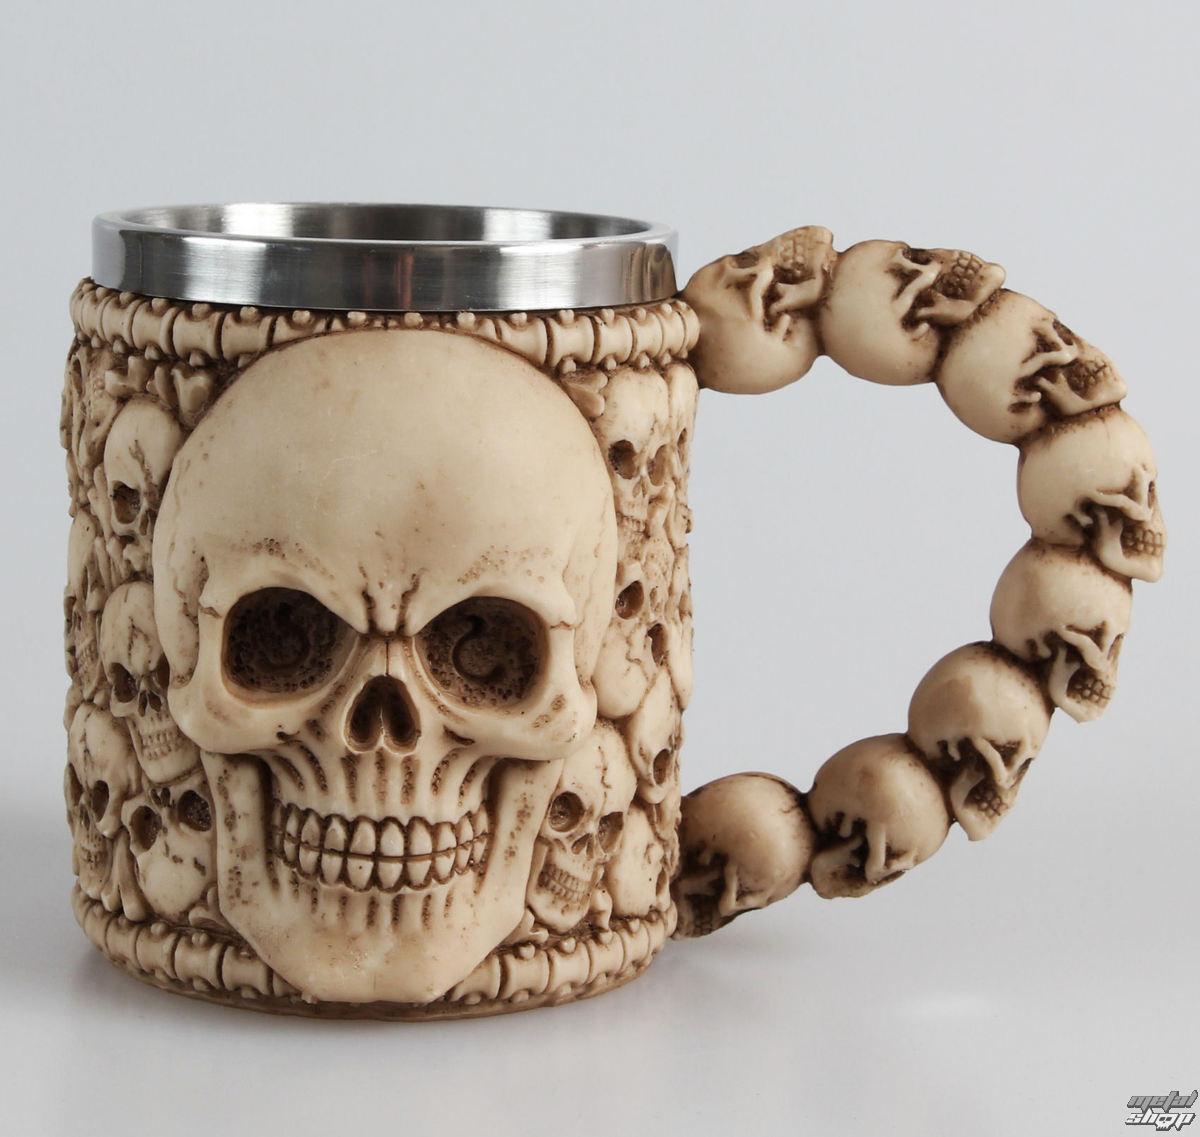 korbel Skulls - AL50178